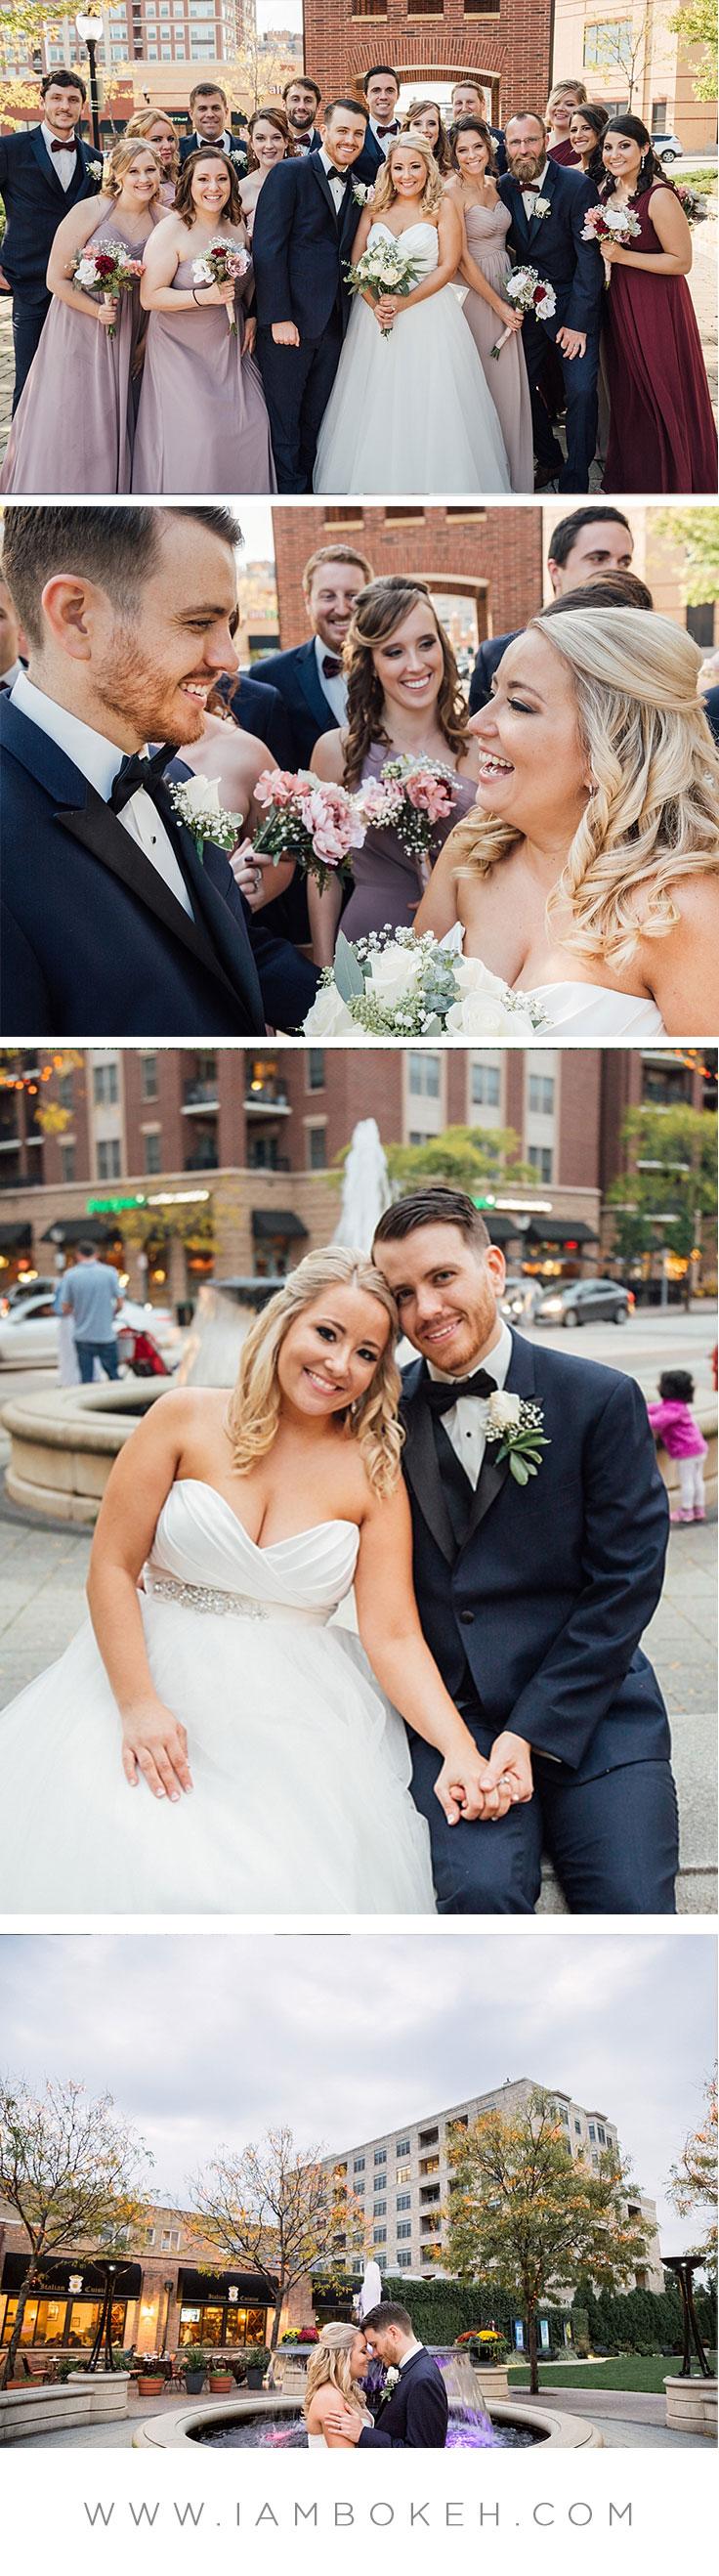 Bokéh Studios   Palatine Wedding at The Cotillion Banquets: Craig & Sarah